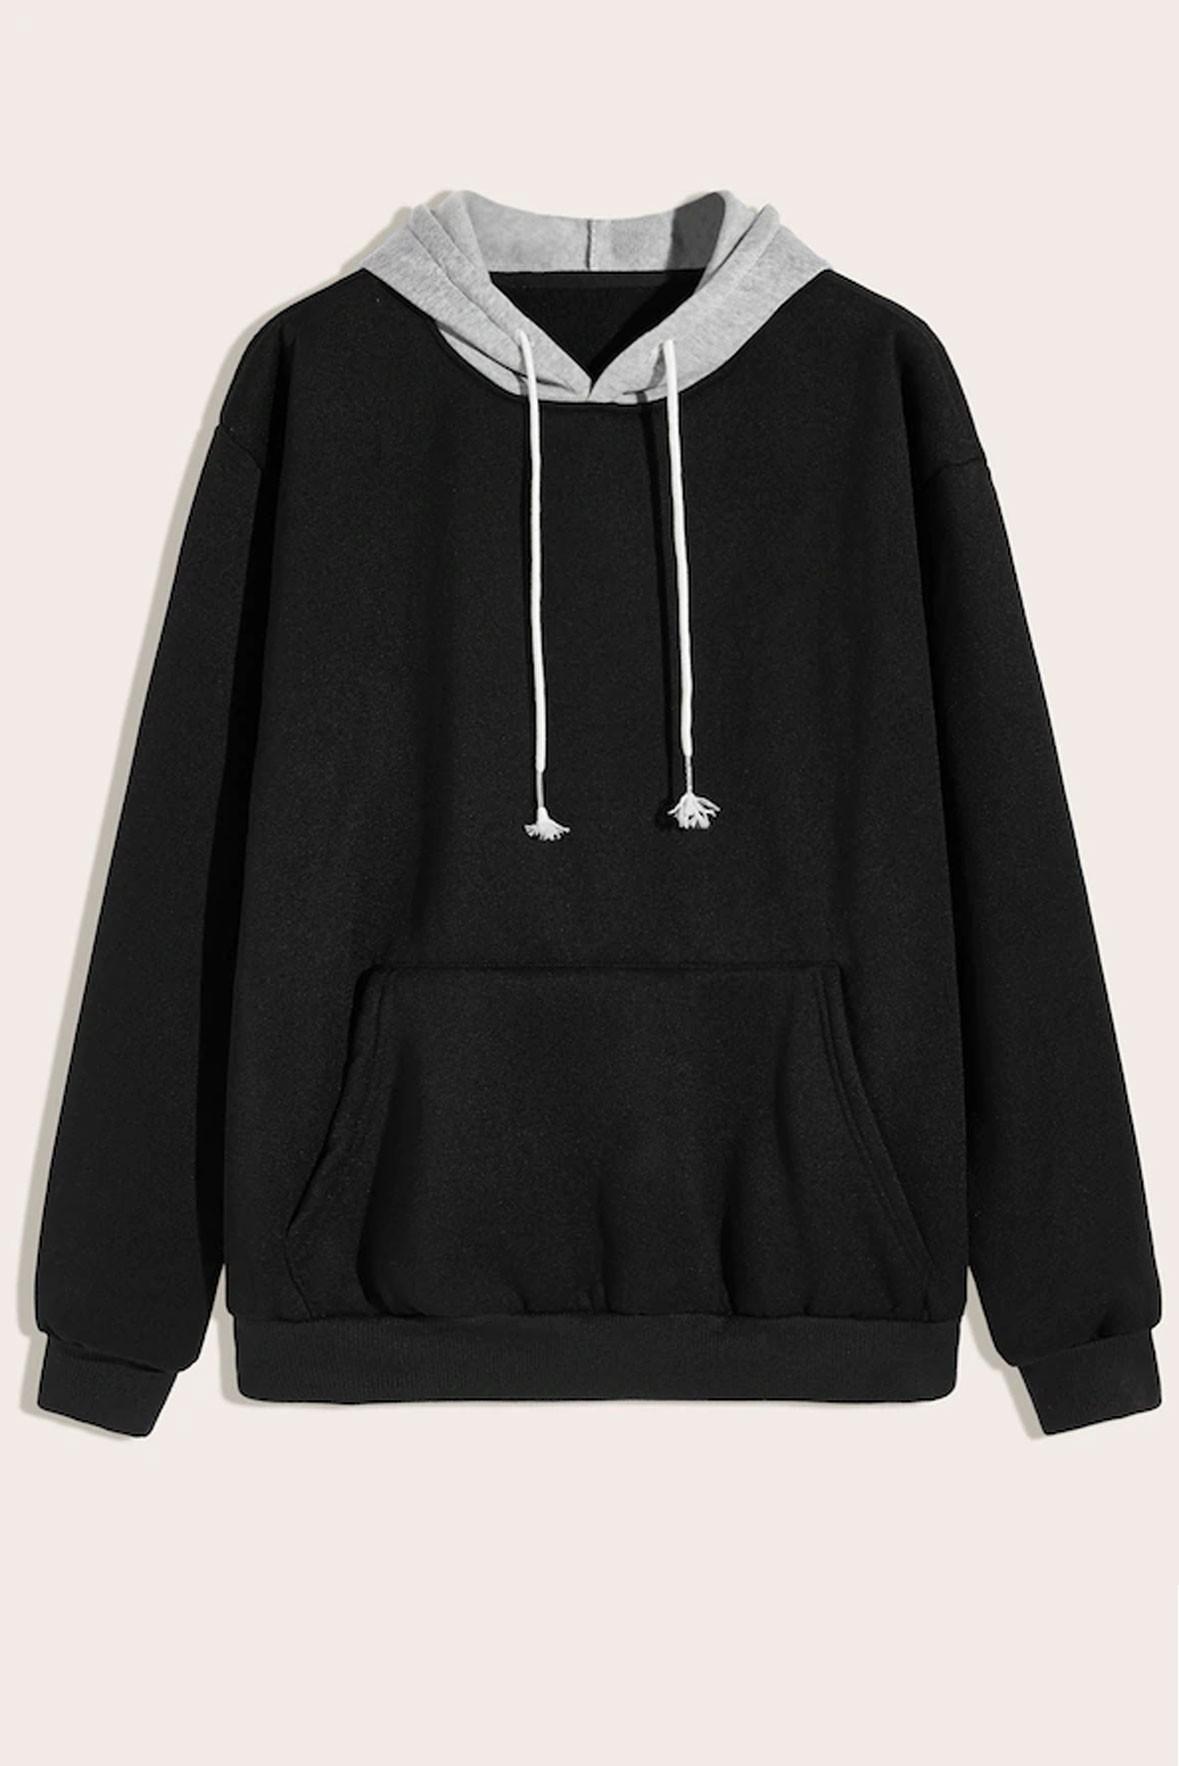 Crazy Black hoodie